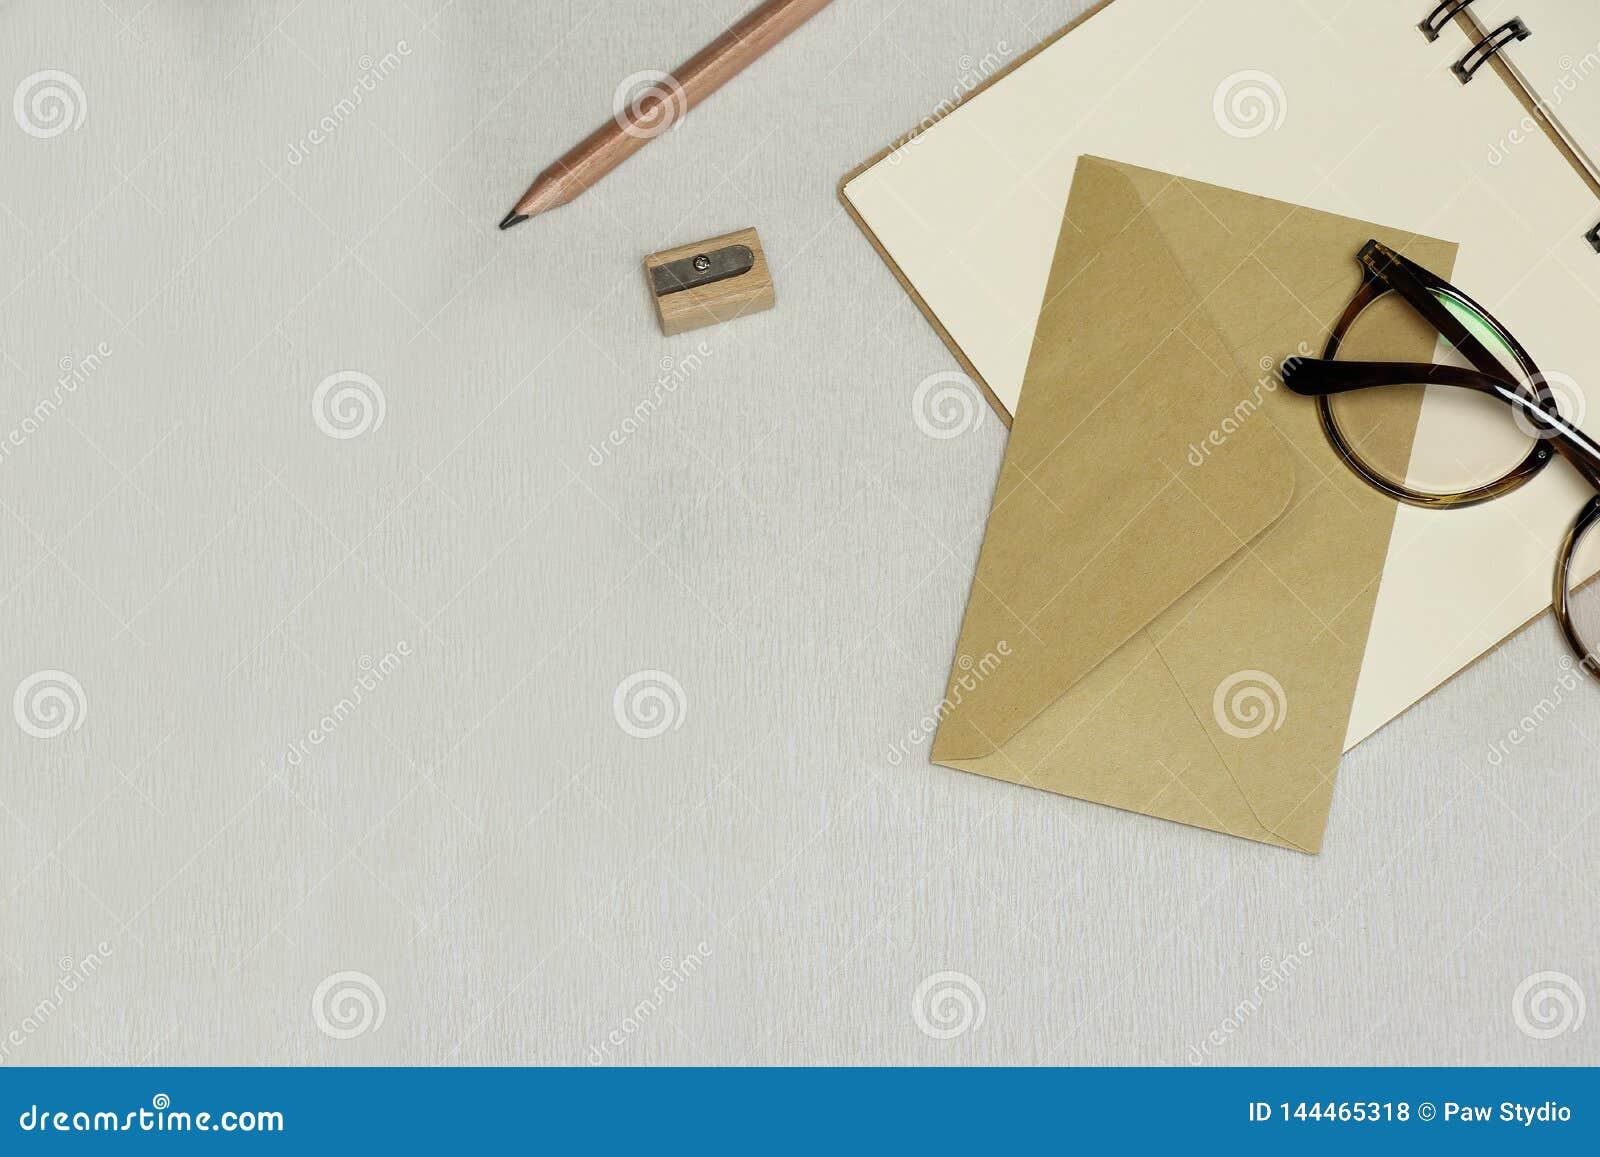 被打开的笔记本,铅笔,磨削器,信封,在白色背景的眼镜